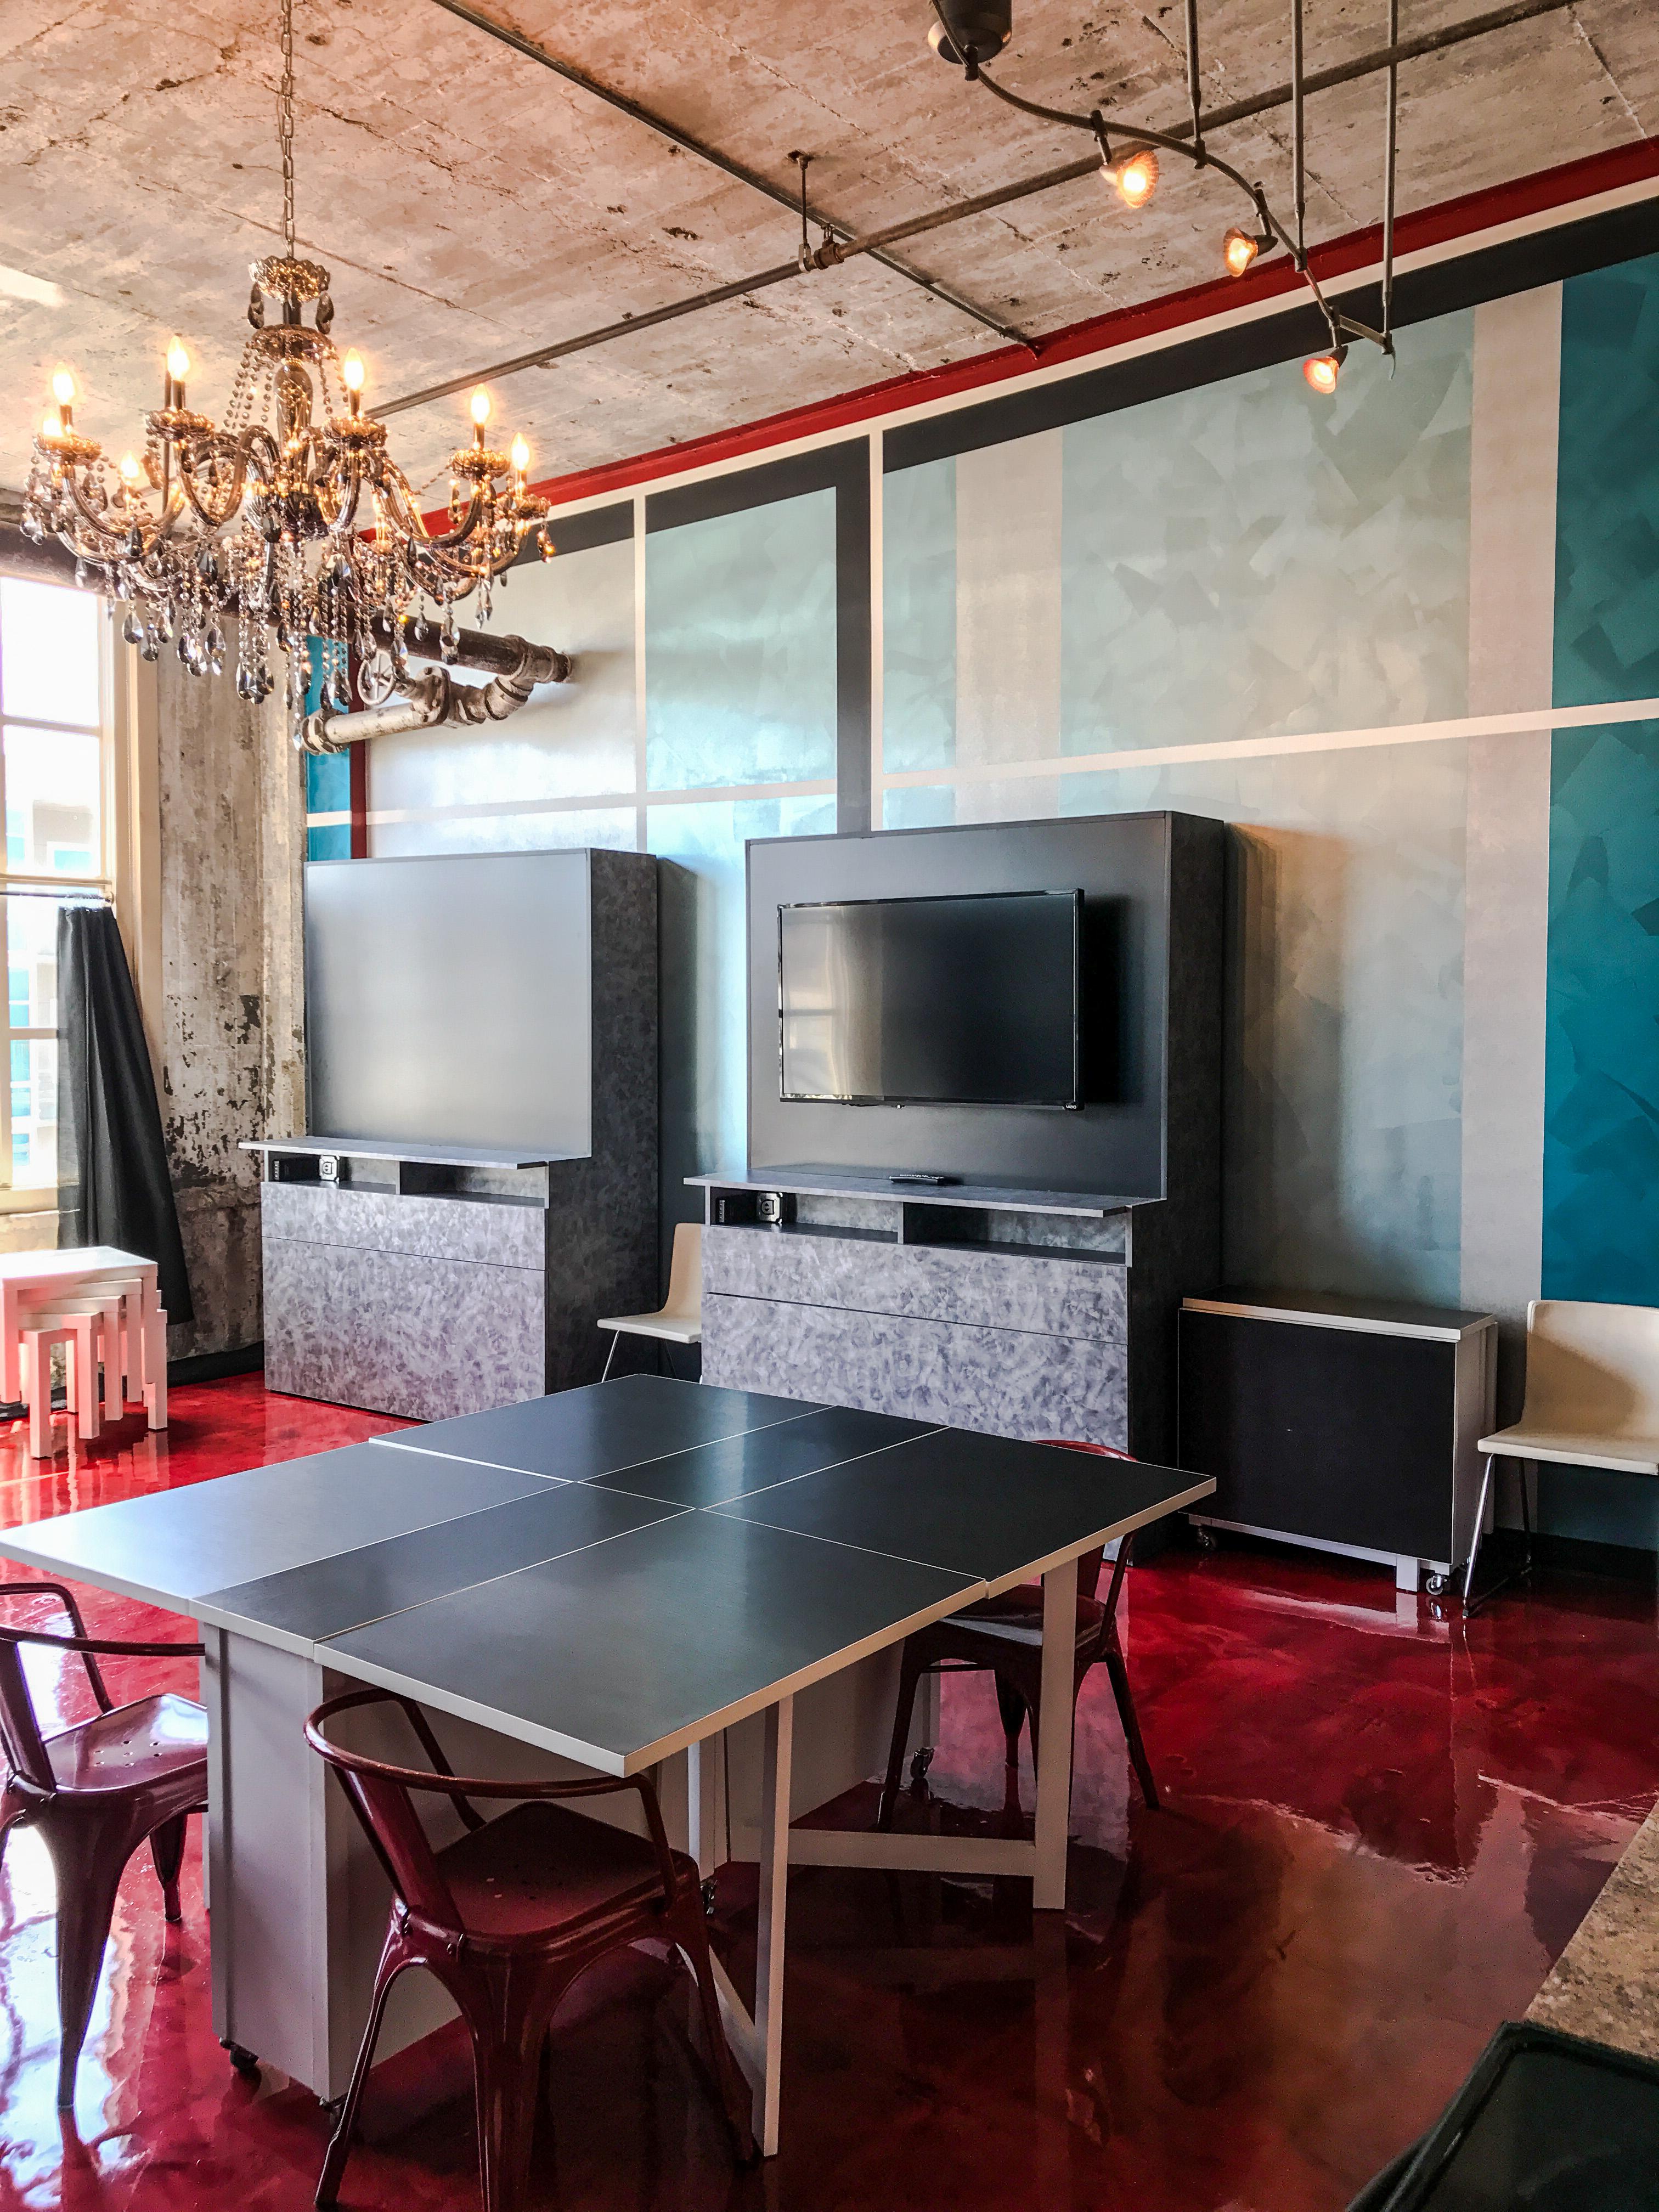 Loft Reverie Hotel 809 - HDTV + Dining + Glassworks Building + 8th Floor